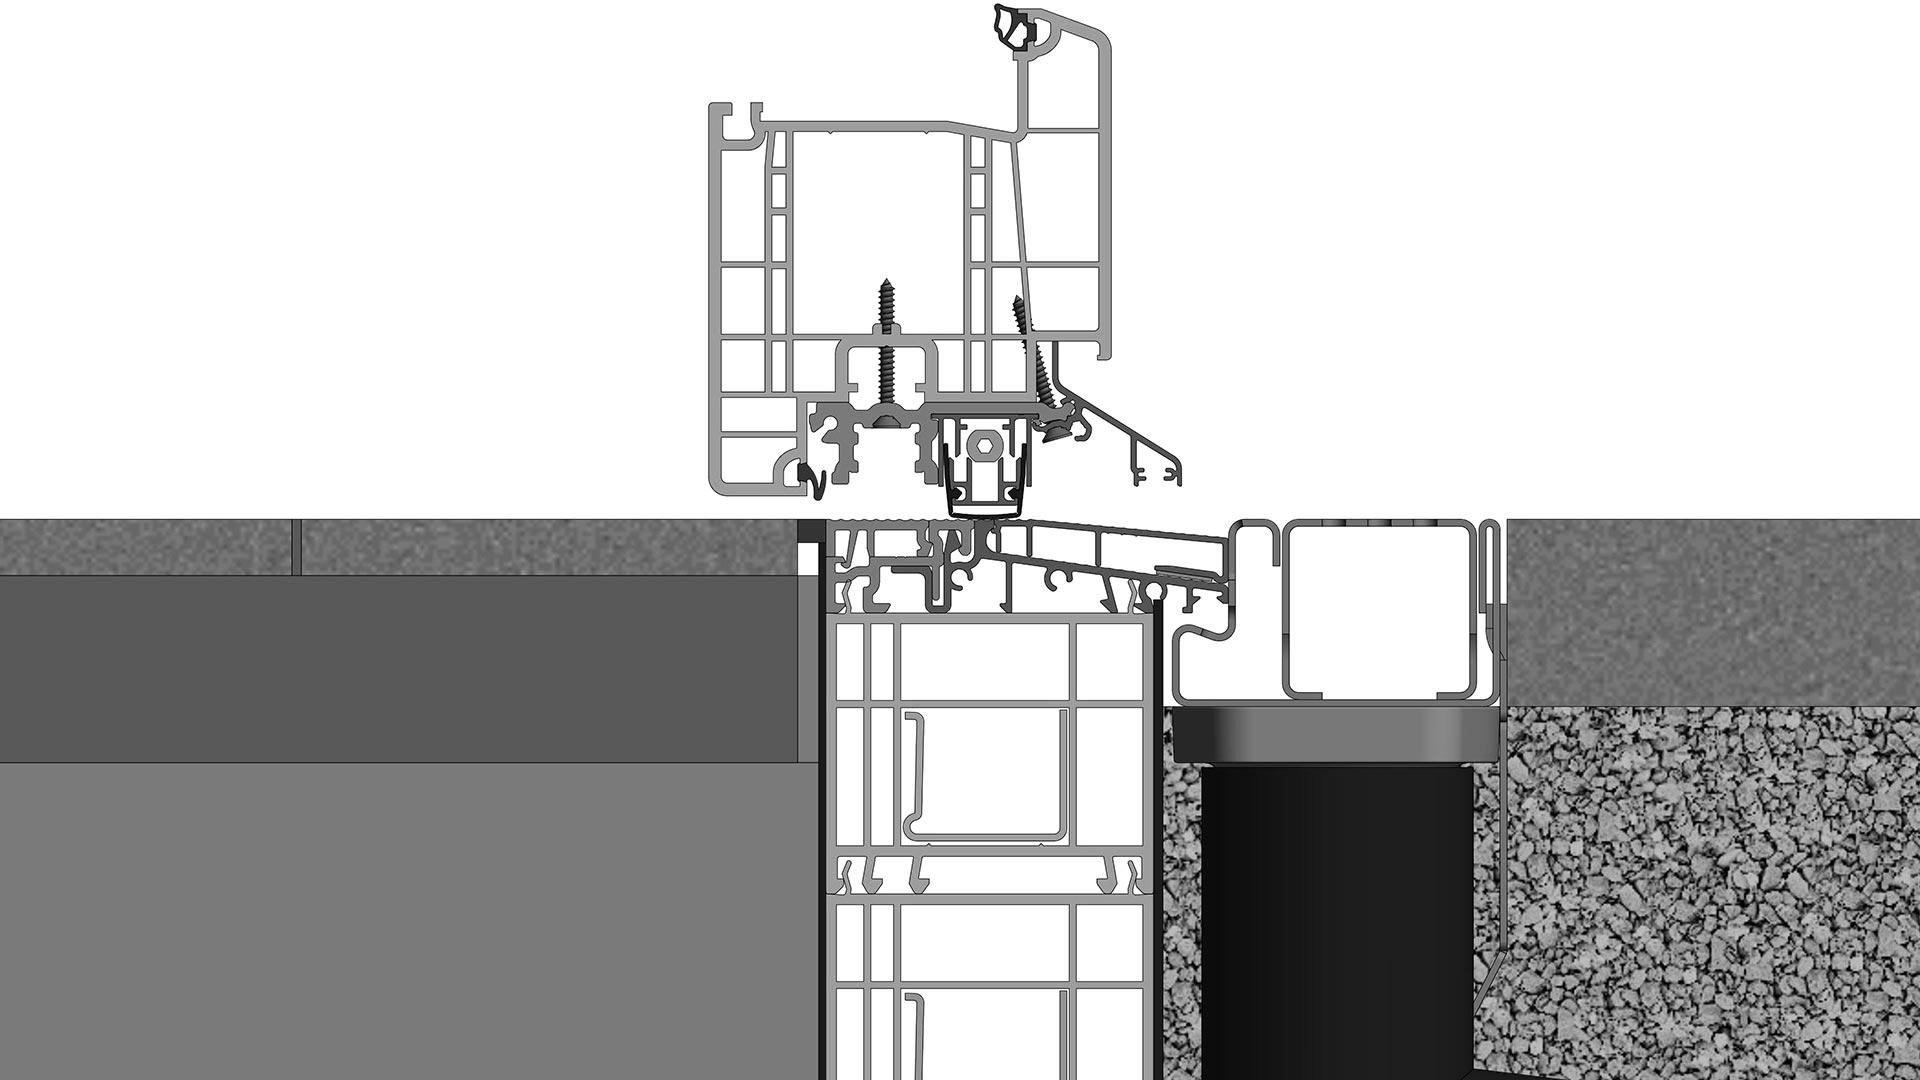 Full Size of Rehau Fenster Synego Ad Bewertung Test Reparieren Ersatzteile 80 Geneo Preise Online Einstellen Testbericht Brillant Aus Polen Erfahrungen Reparatur Oder Fenster Rehau Fenster